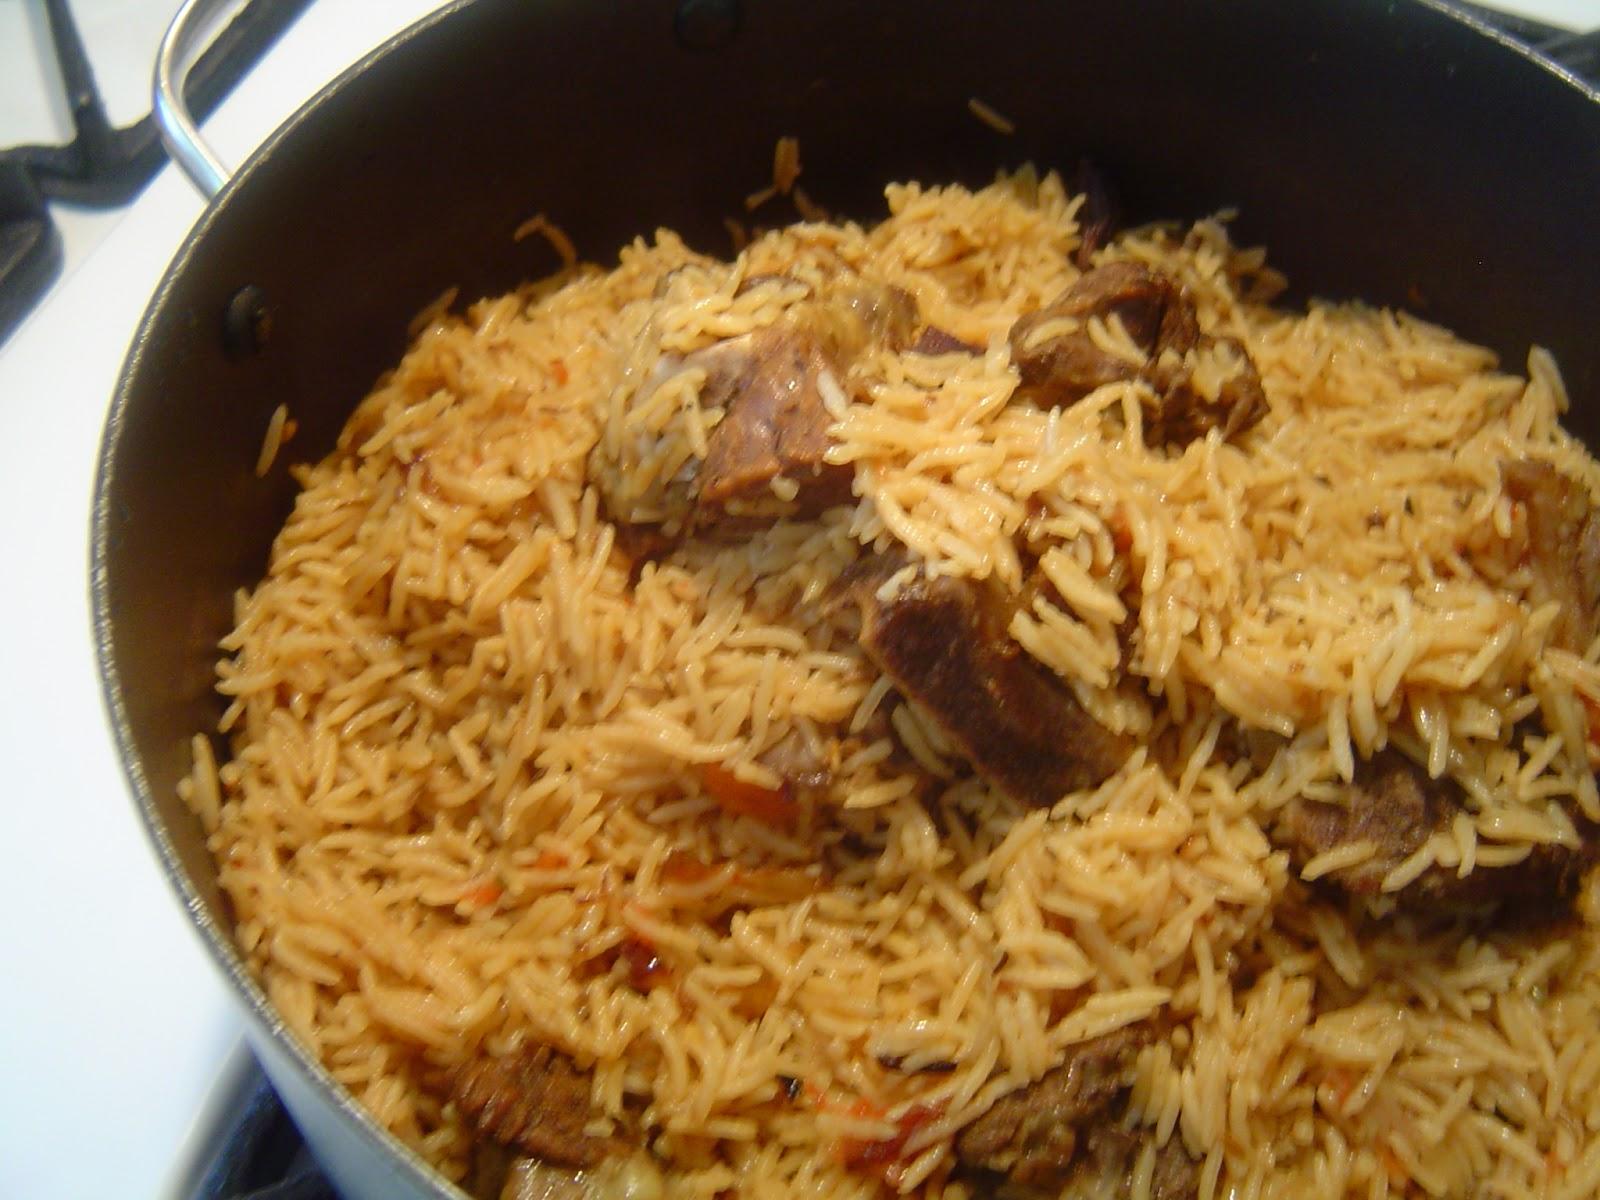 pakistani home cooking: yakhni pulao